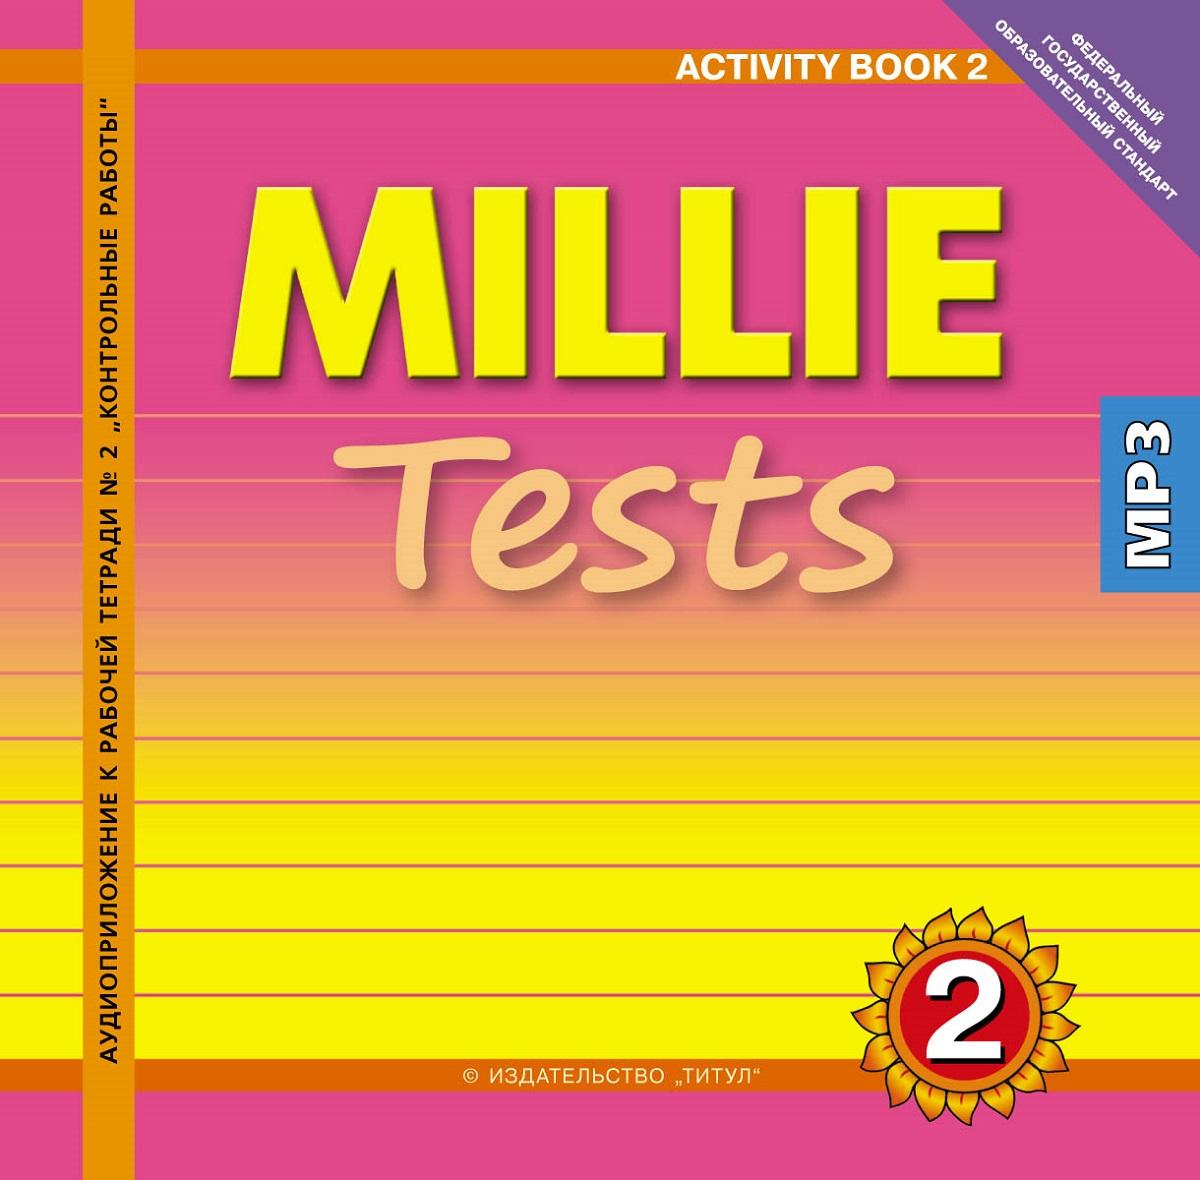 Millie Tests 2: Activity Book 2 (аудиокурс MP3)12296407Аудиоприложение к рабочей тетради №2 Контрольные работы является составной частью учебного комплекта Милли / Millie для 2-го класса общеобразовательных учреждений. Назначение аудиоприложения - контроль усвоения учебного материала учебника и подготовка учащихся к выполнению контрольных работ Аудиоприложение позволяет проверить умения учащихся в аудировании и является эффективным пособием для подготовки учащихся к выполнению контрольных работ как в рамках УМК Millie, так и при работе по другим УМК.